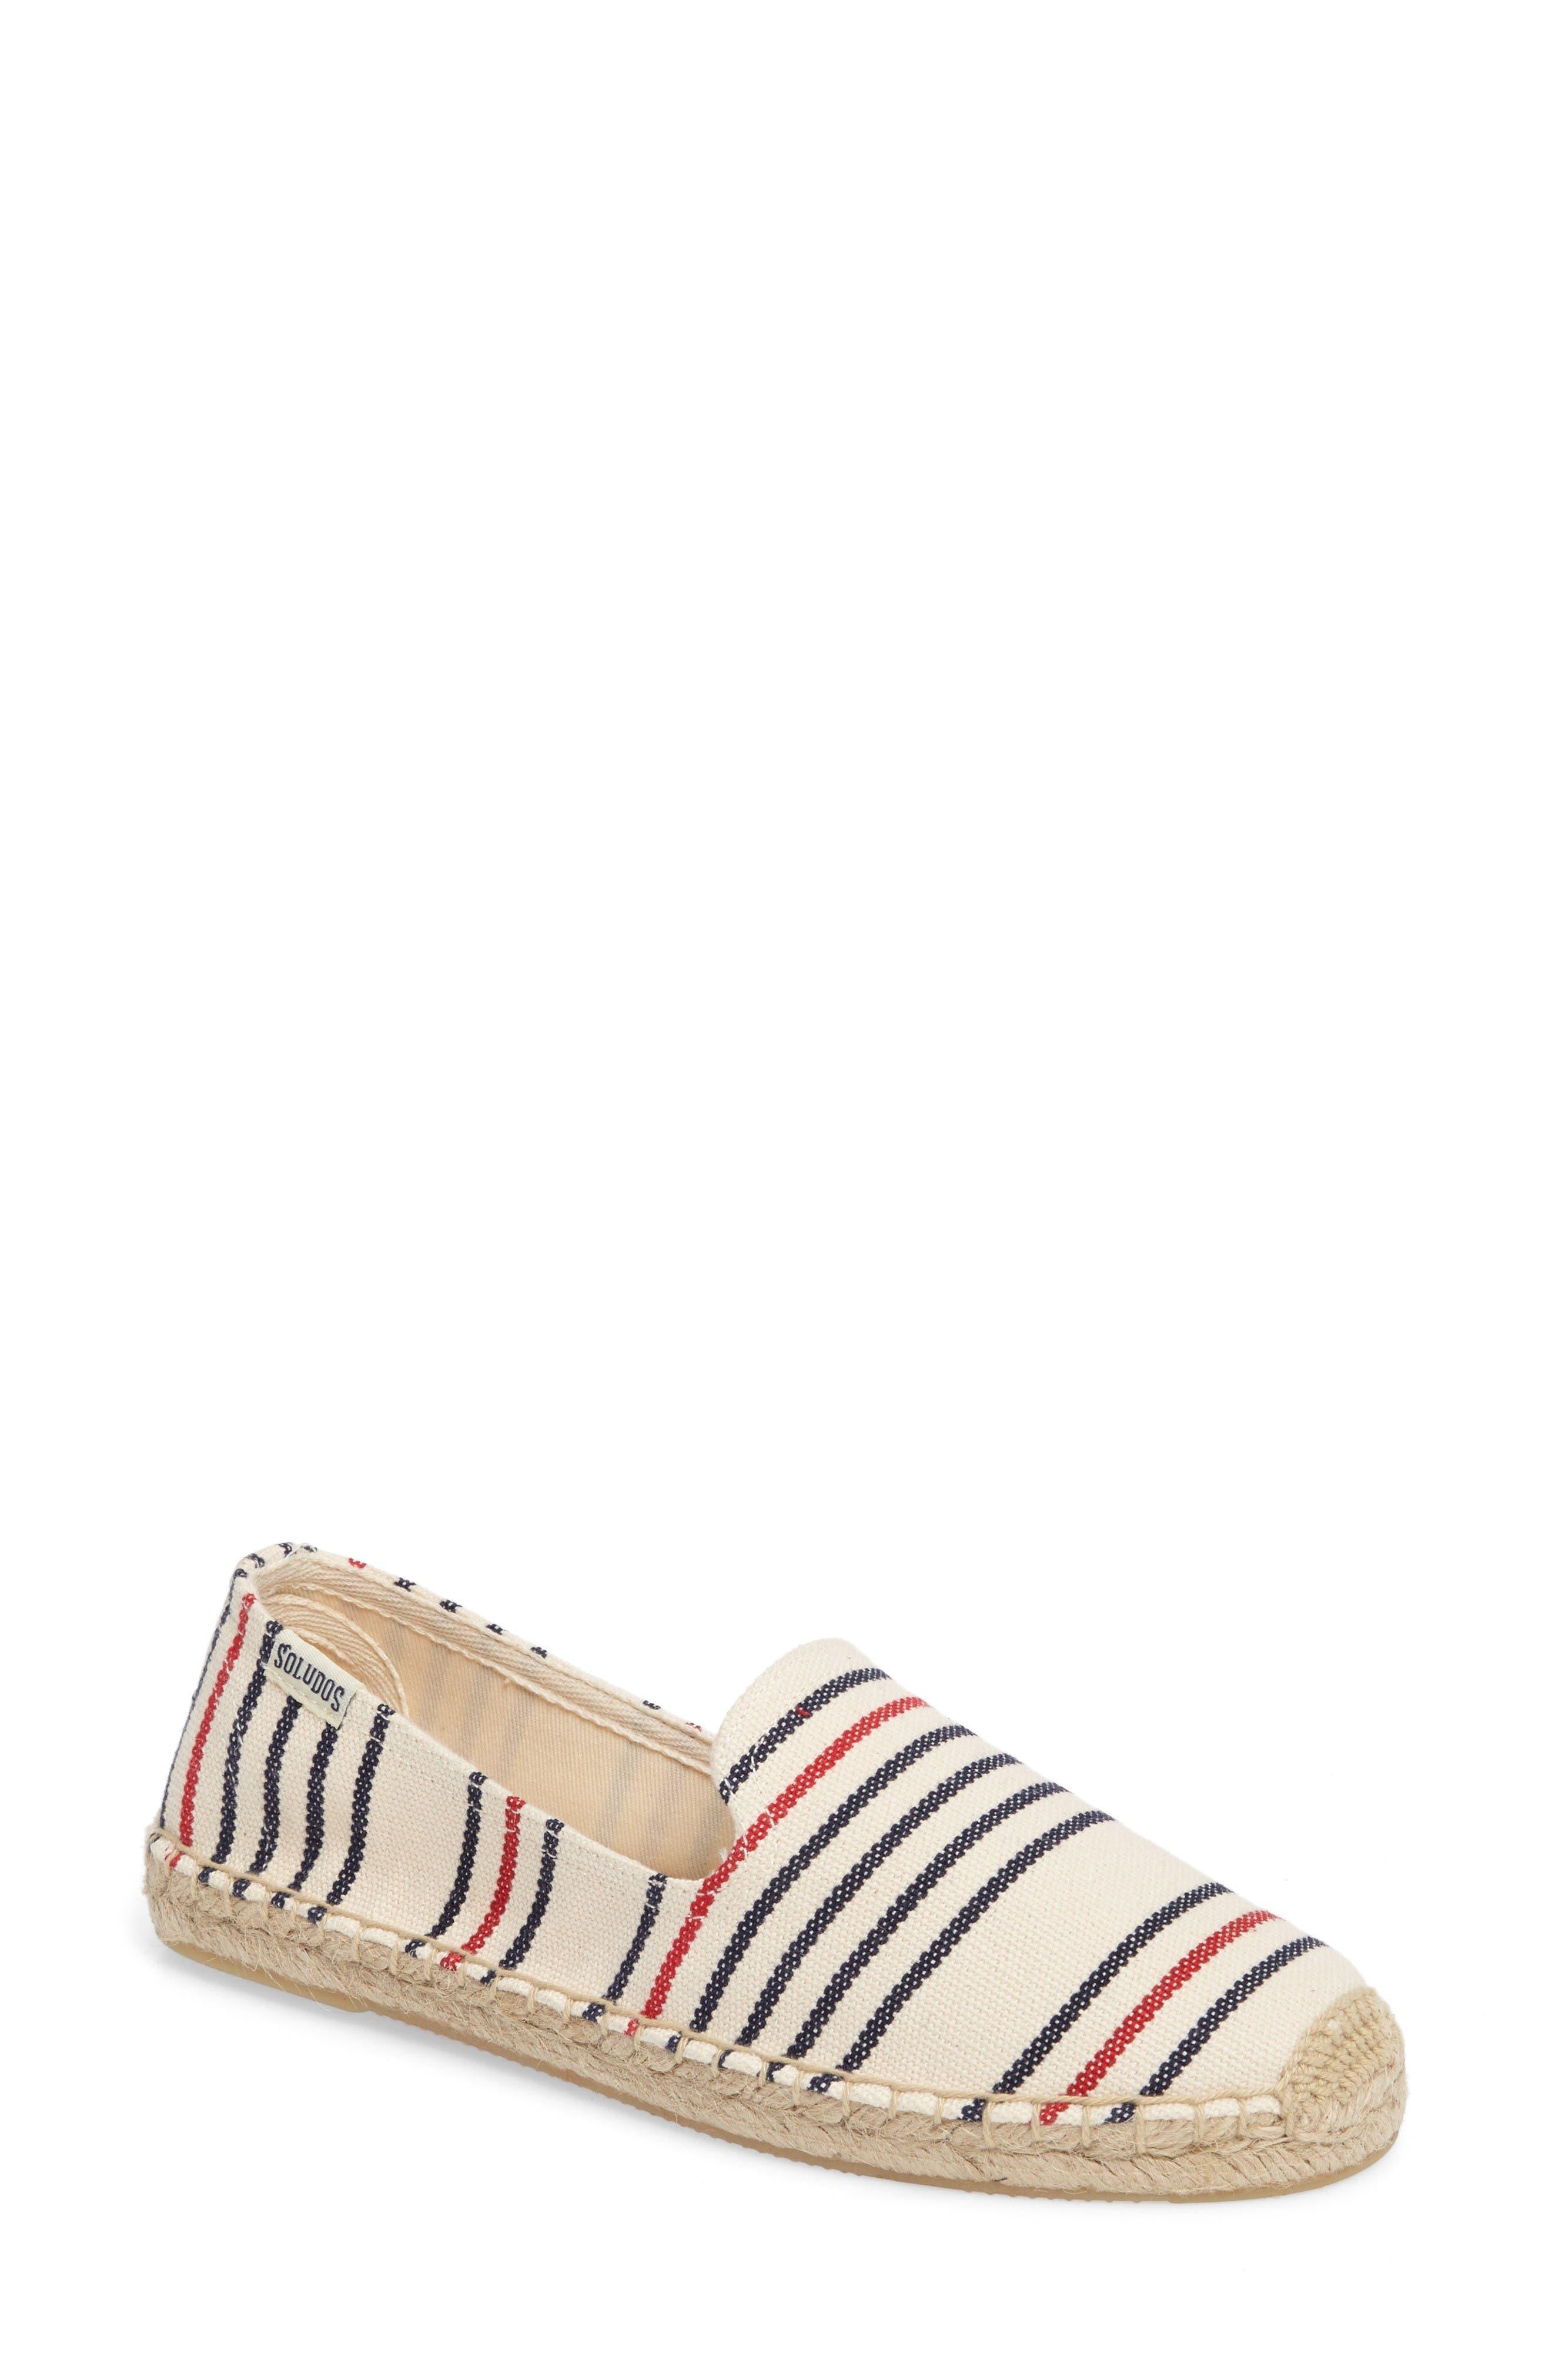 SOLUDOS Stripe Espadrille Loafer